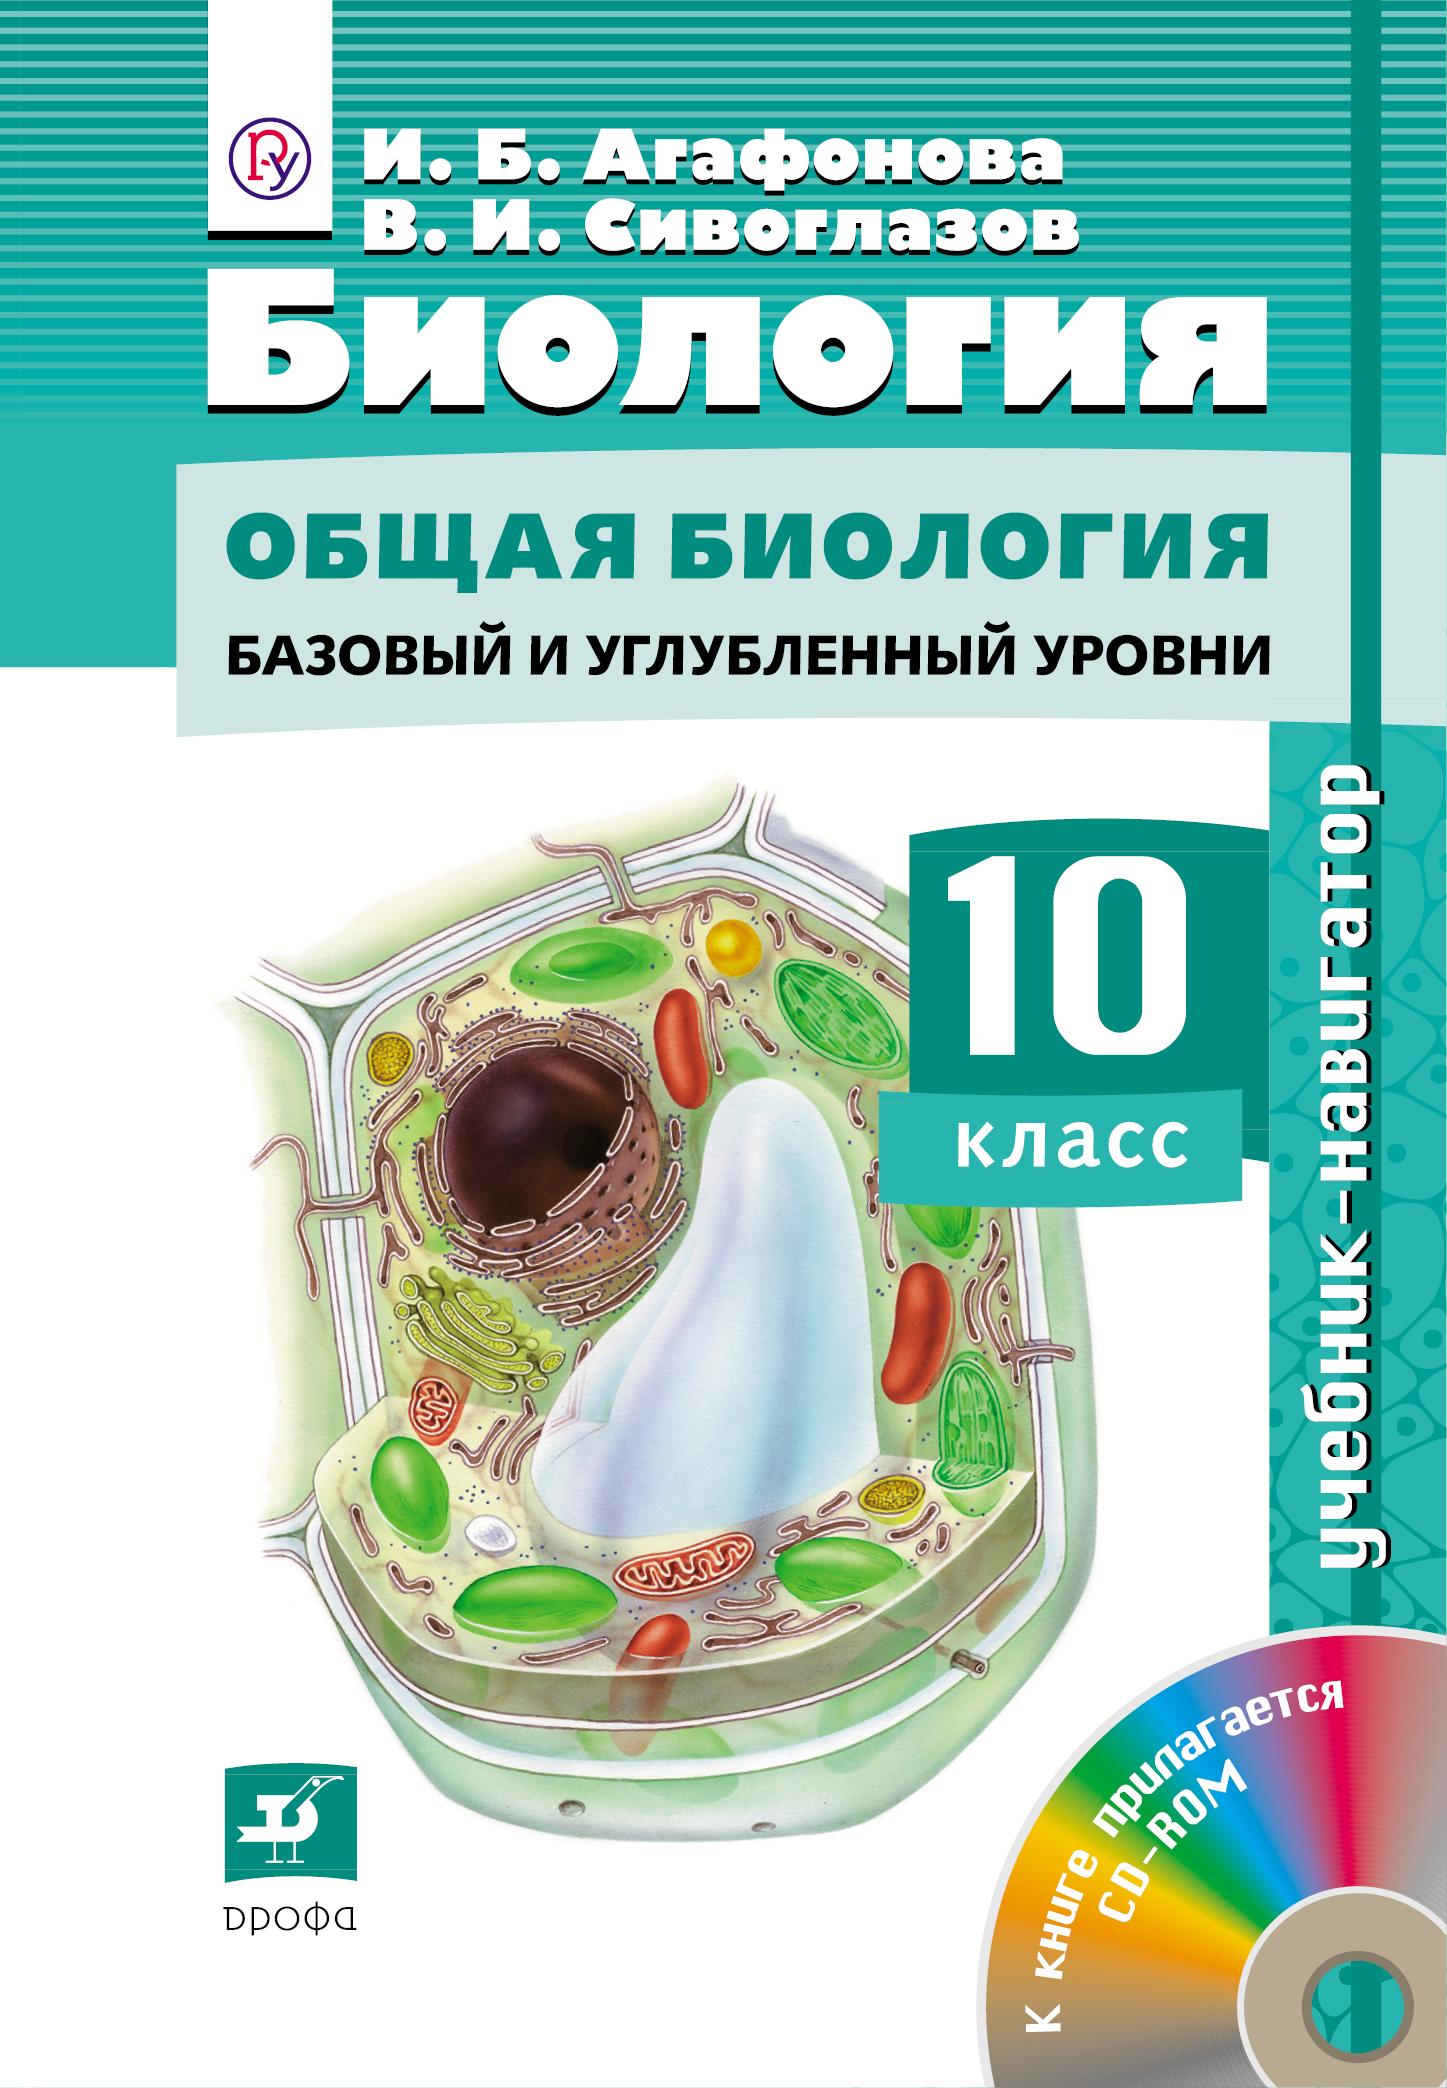 Агафонова И. Б., Сивоглазов В. И. Биология.10кл. Учебник-навигатор. цены